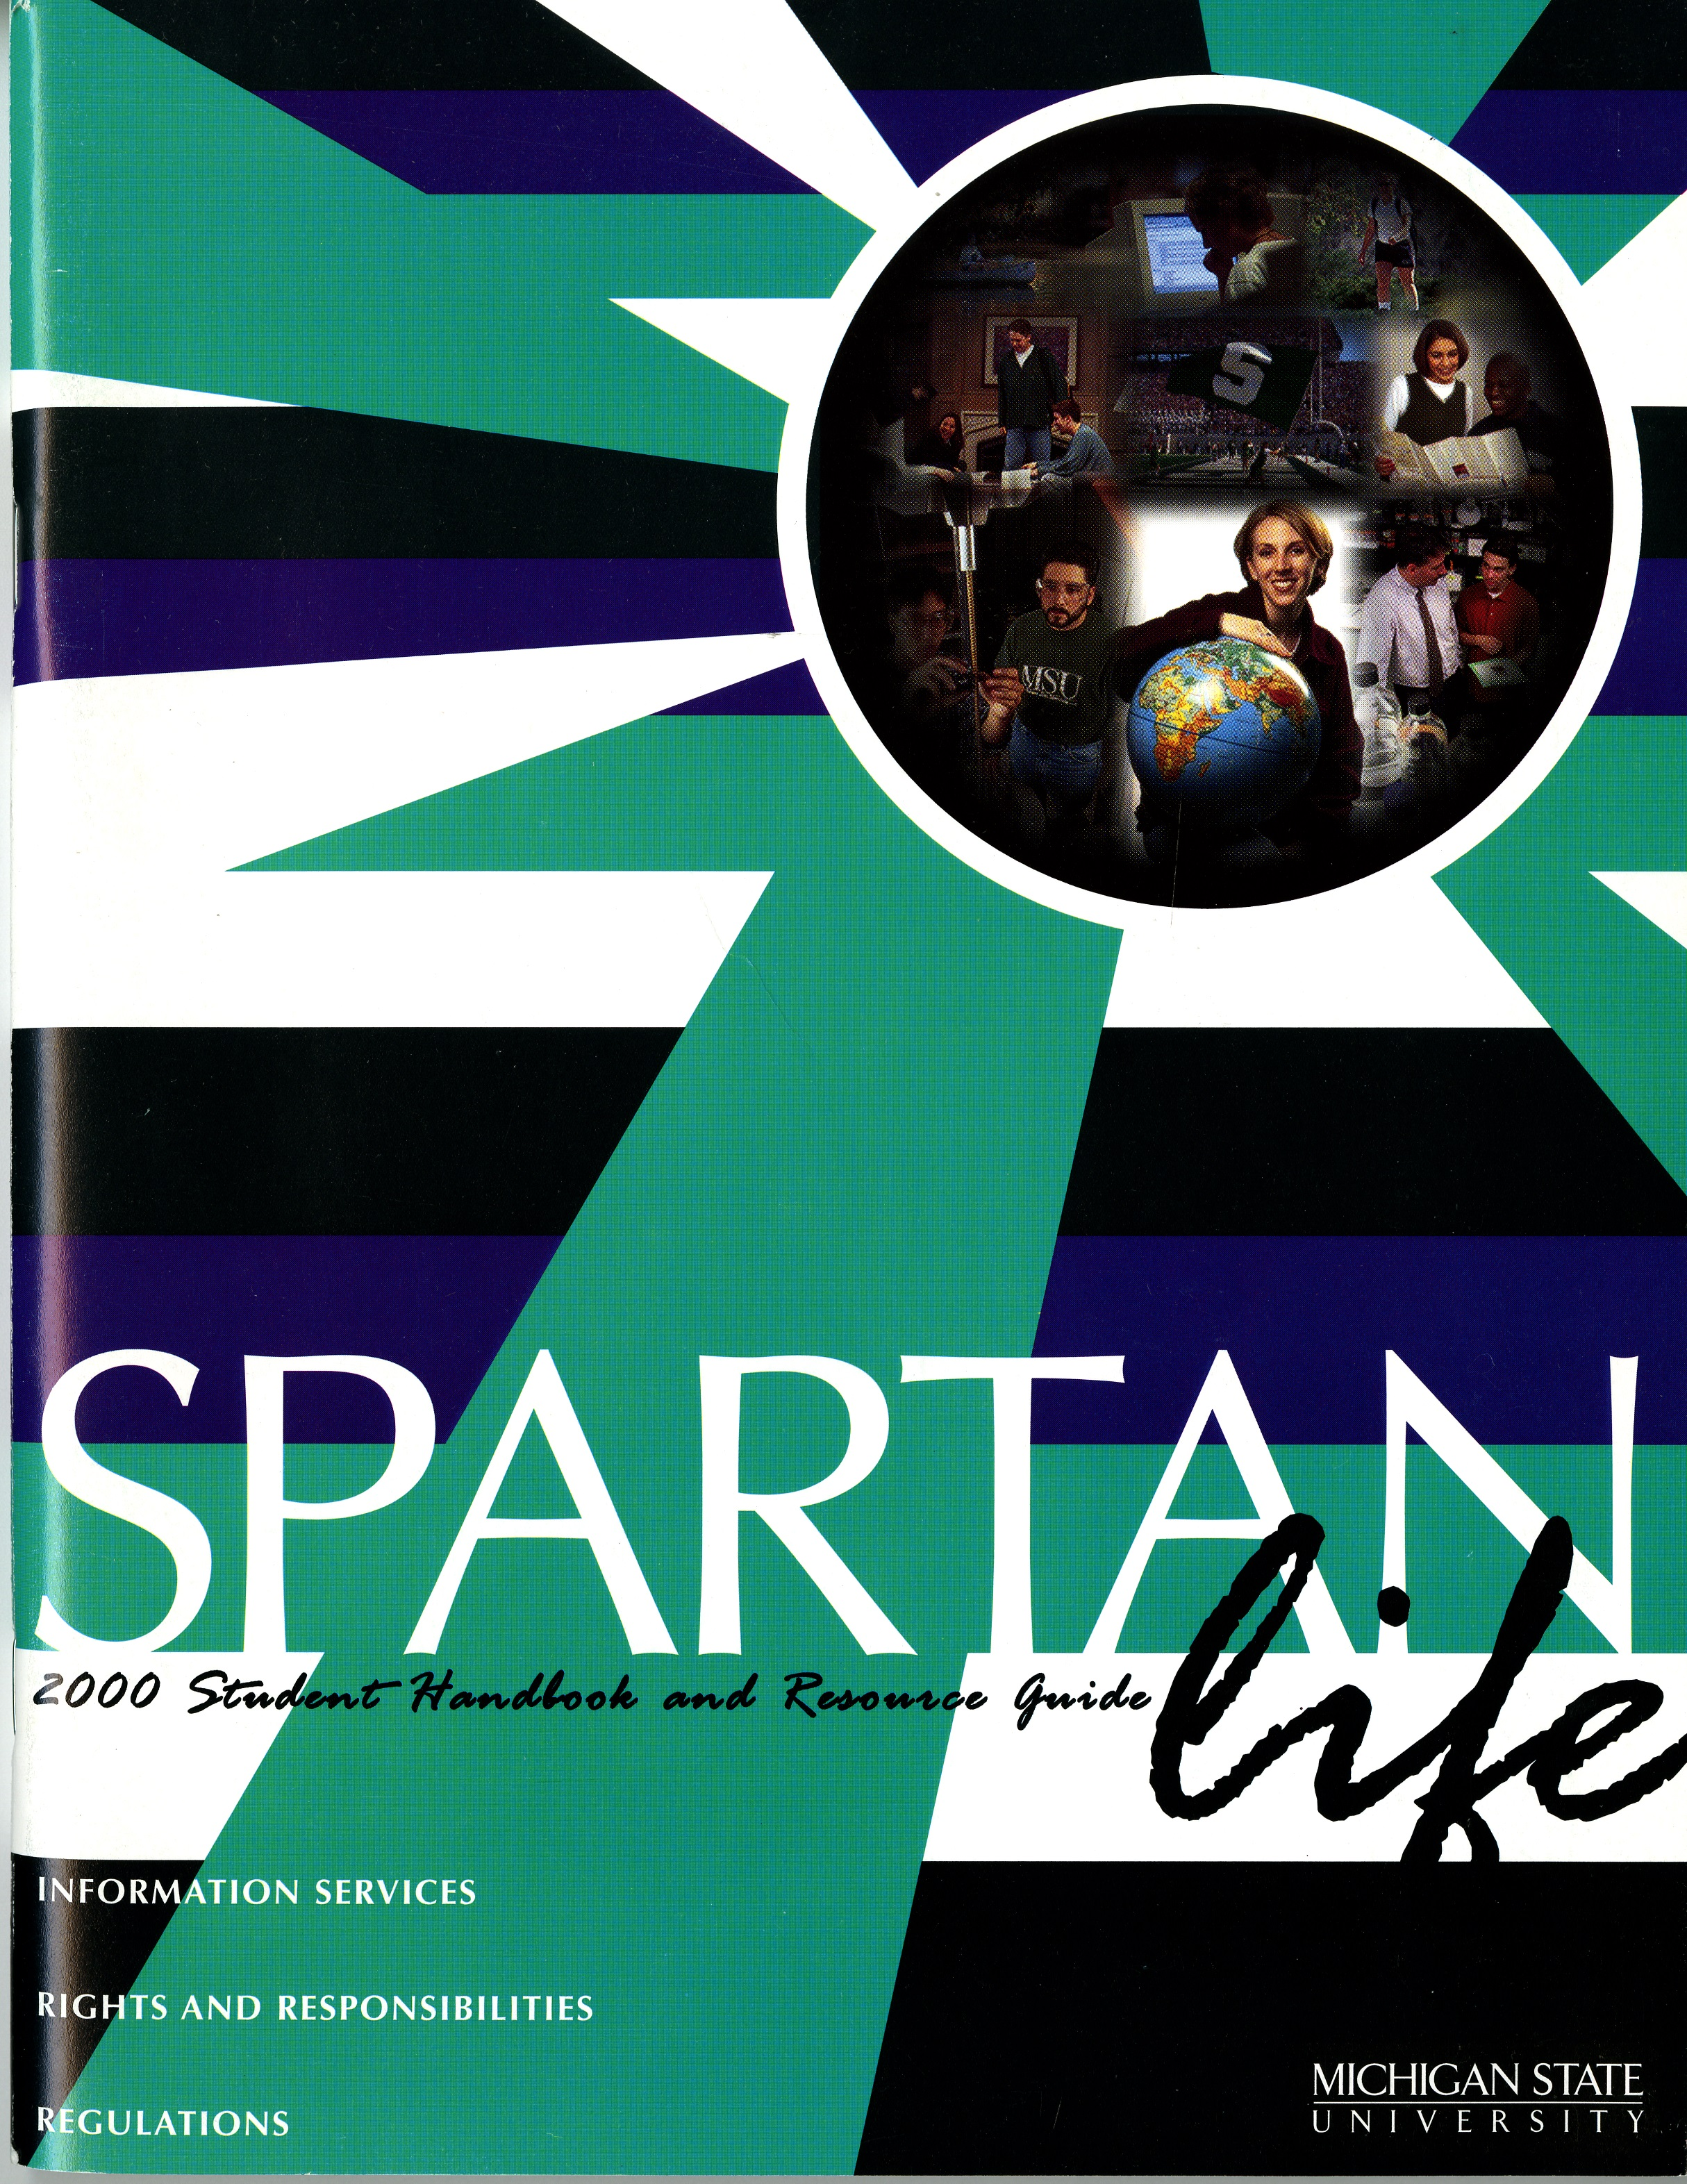 Student Handbooks, 2000-2009